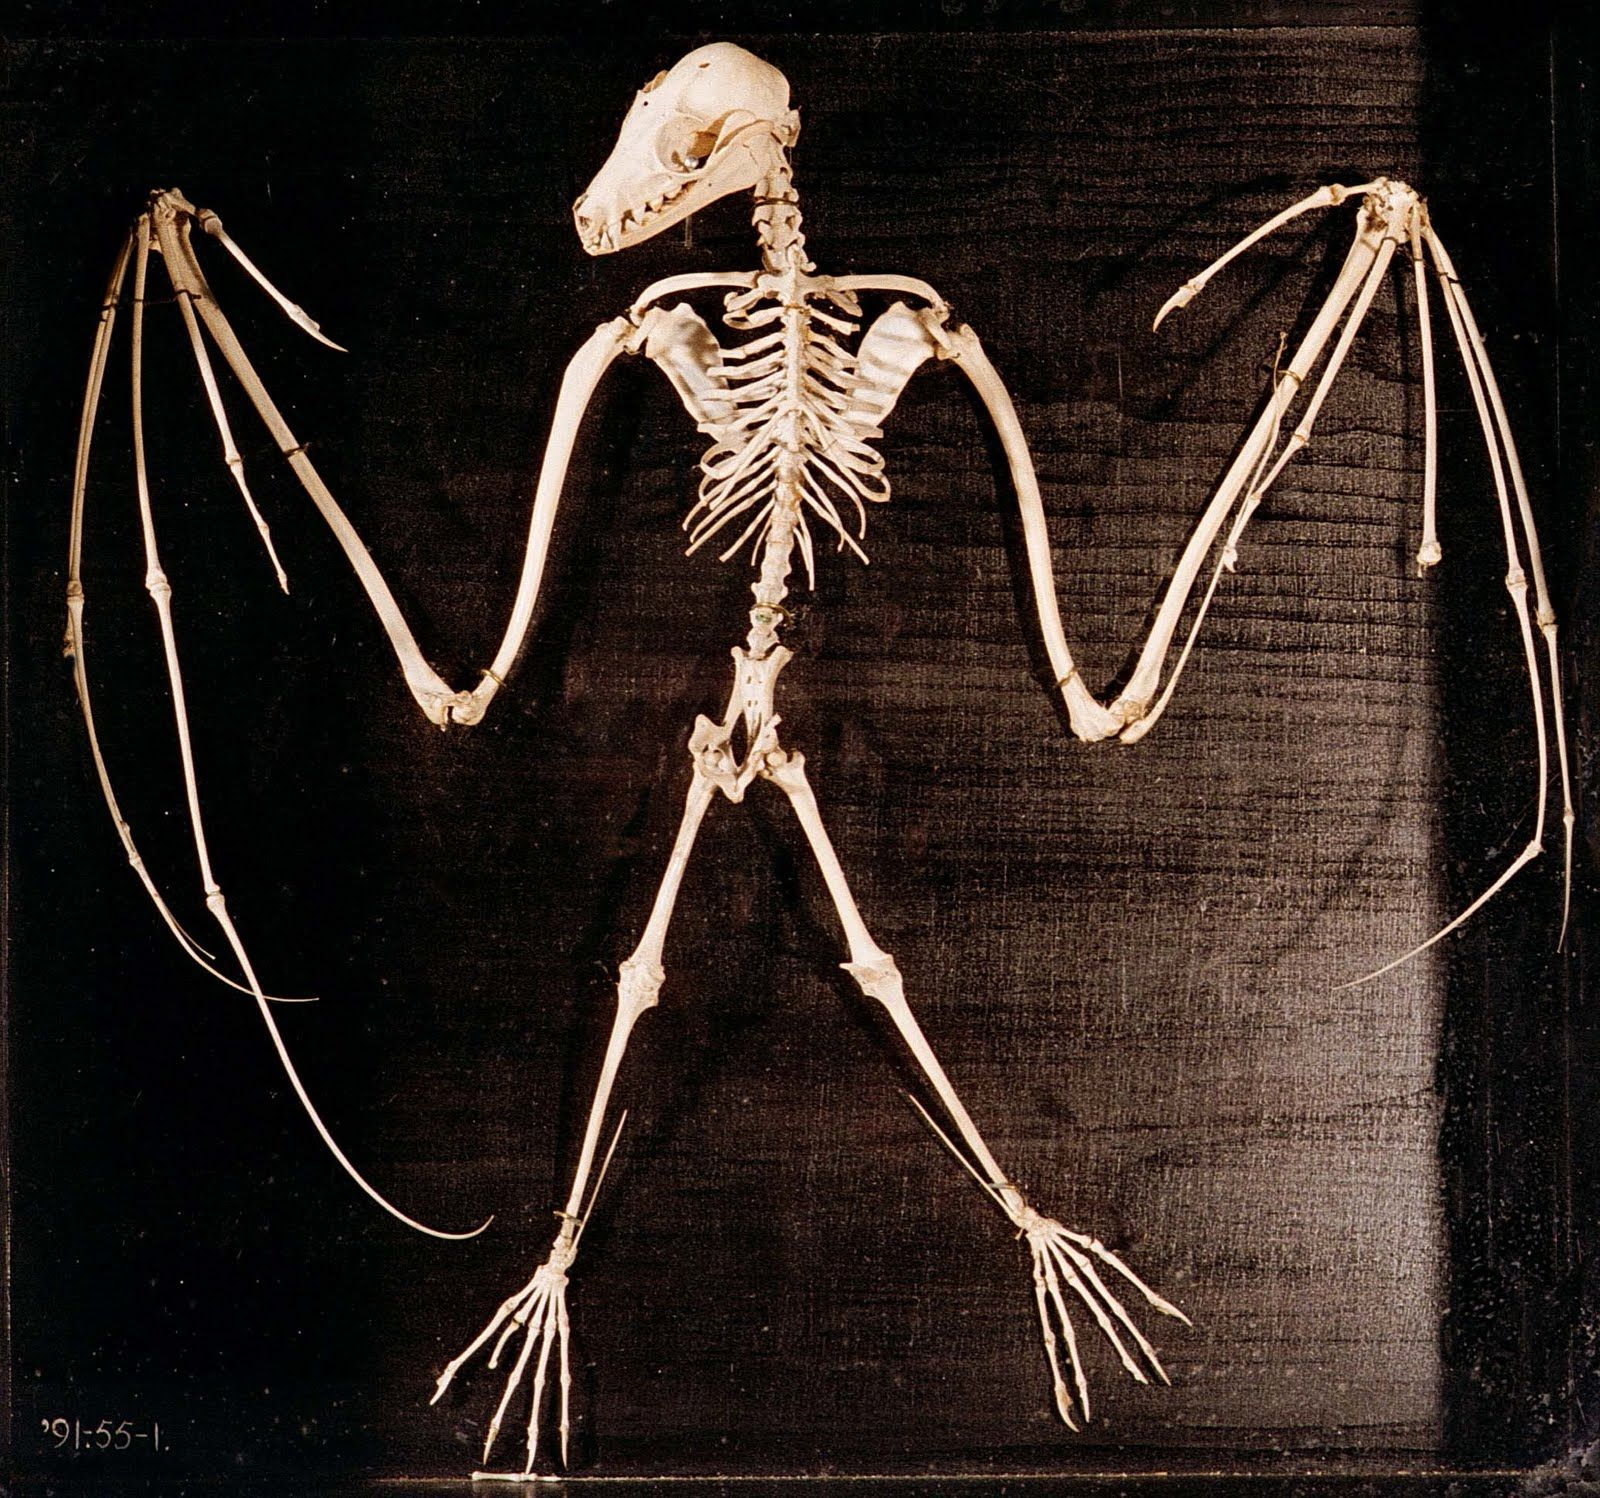 Bat wing skeleton - photo#49